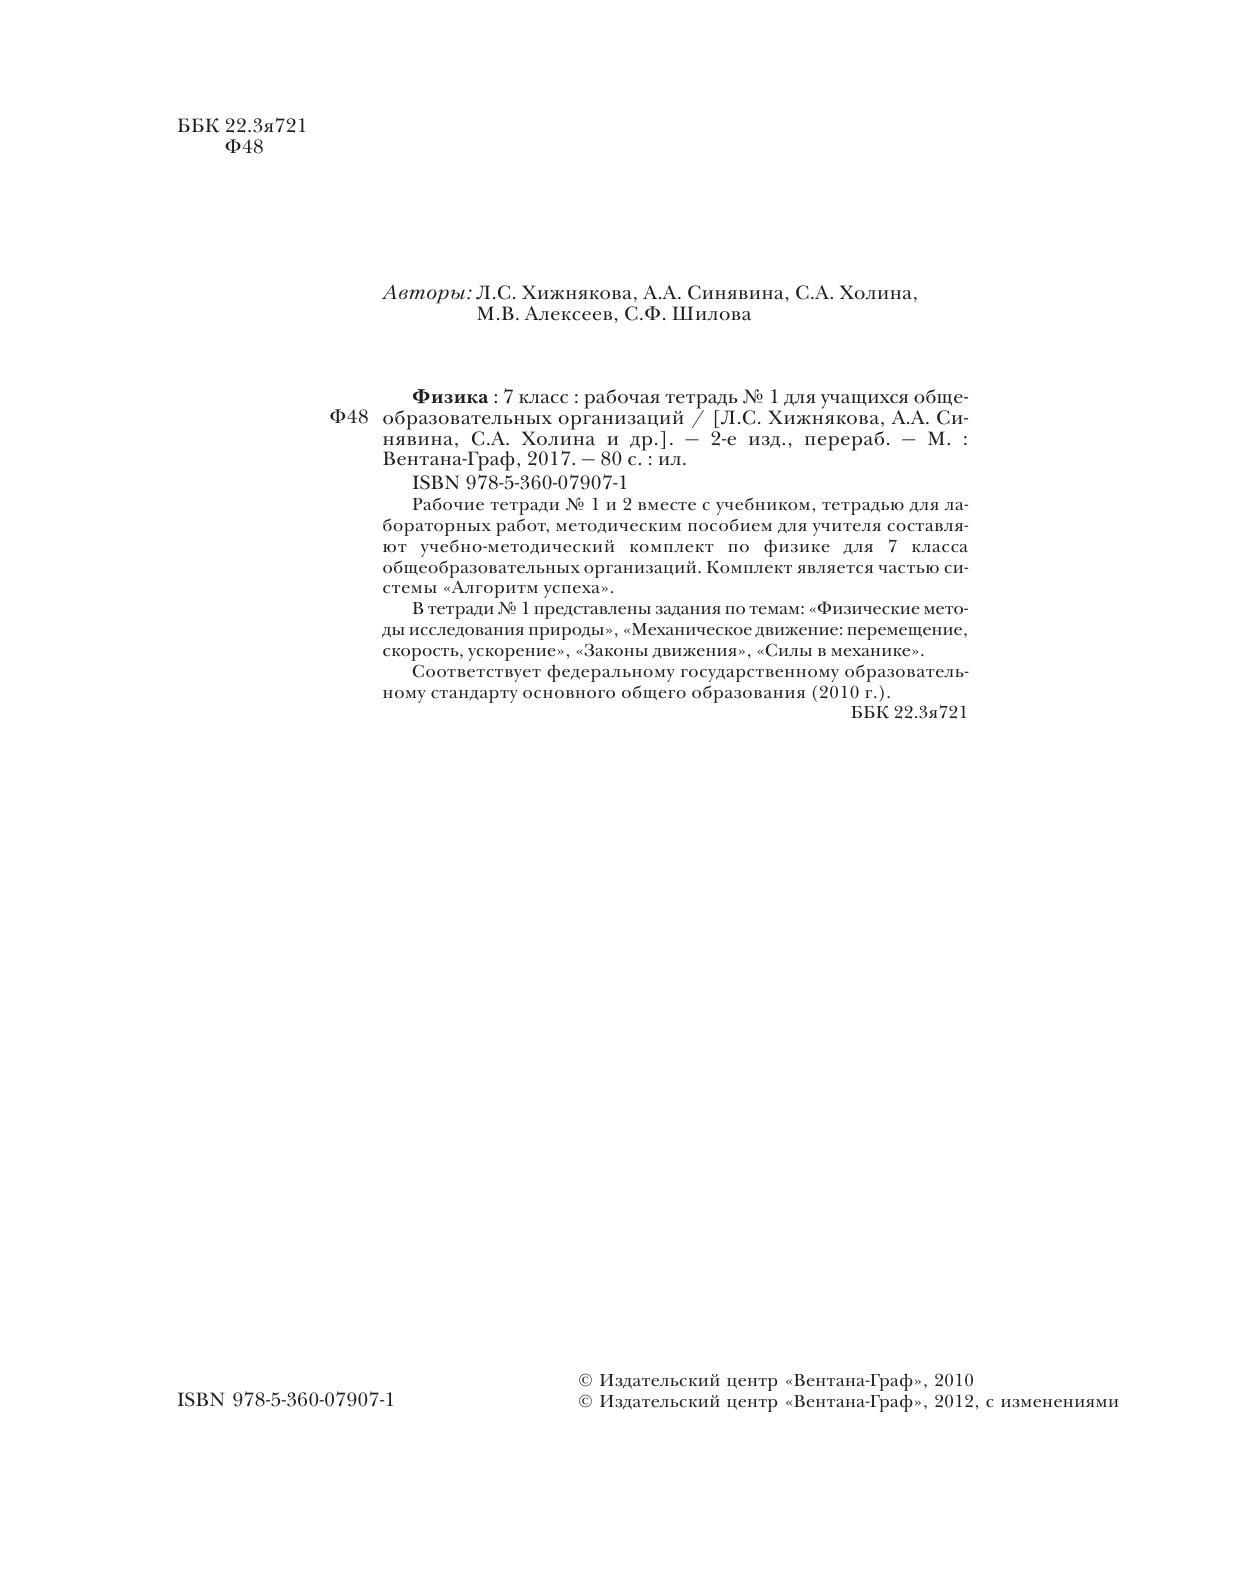 Классхижнякова физики ,синявина,холина,алексеев, по тетрадь шилова гдз-рабочая 7